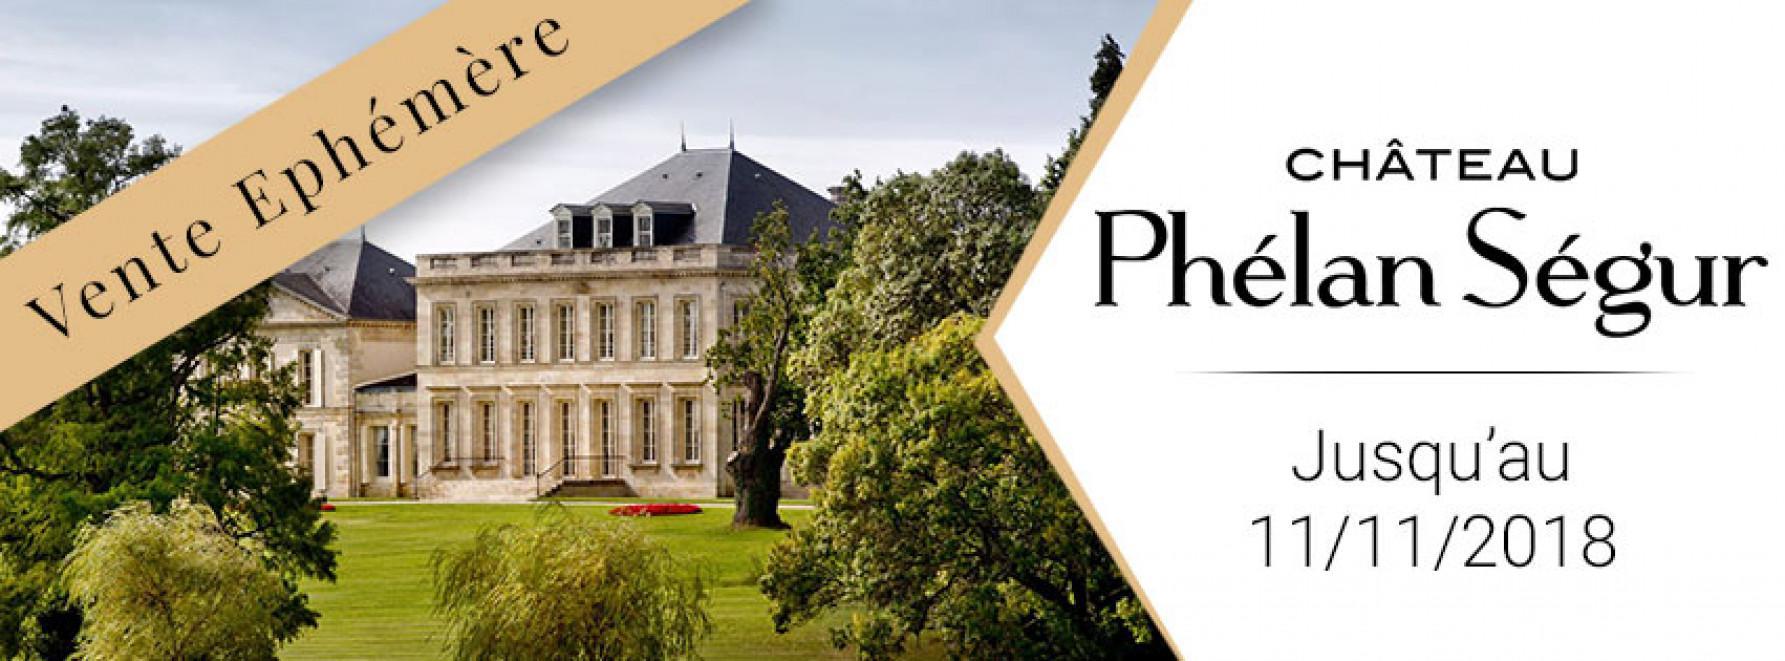 Vente Éphémère du Château Phélan-Ségur